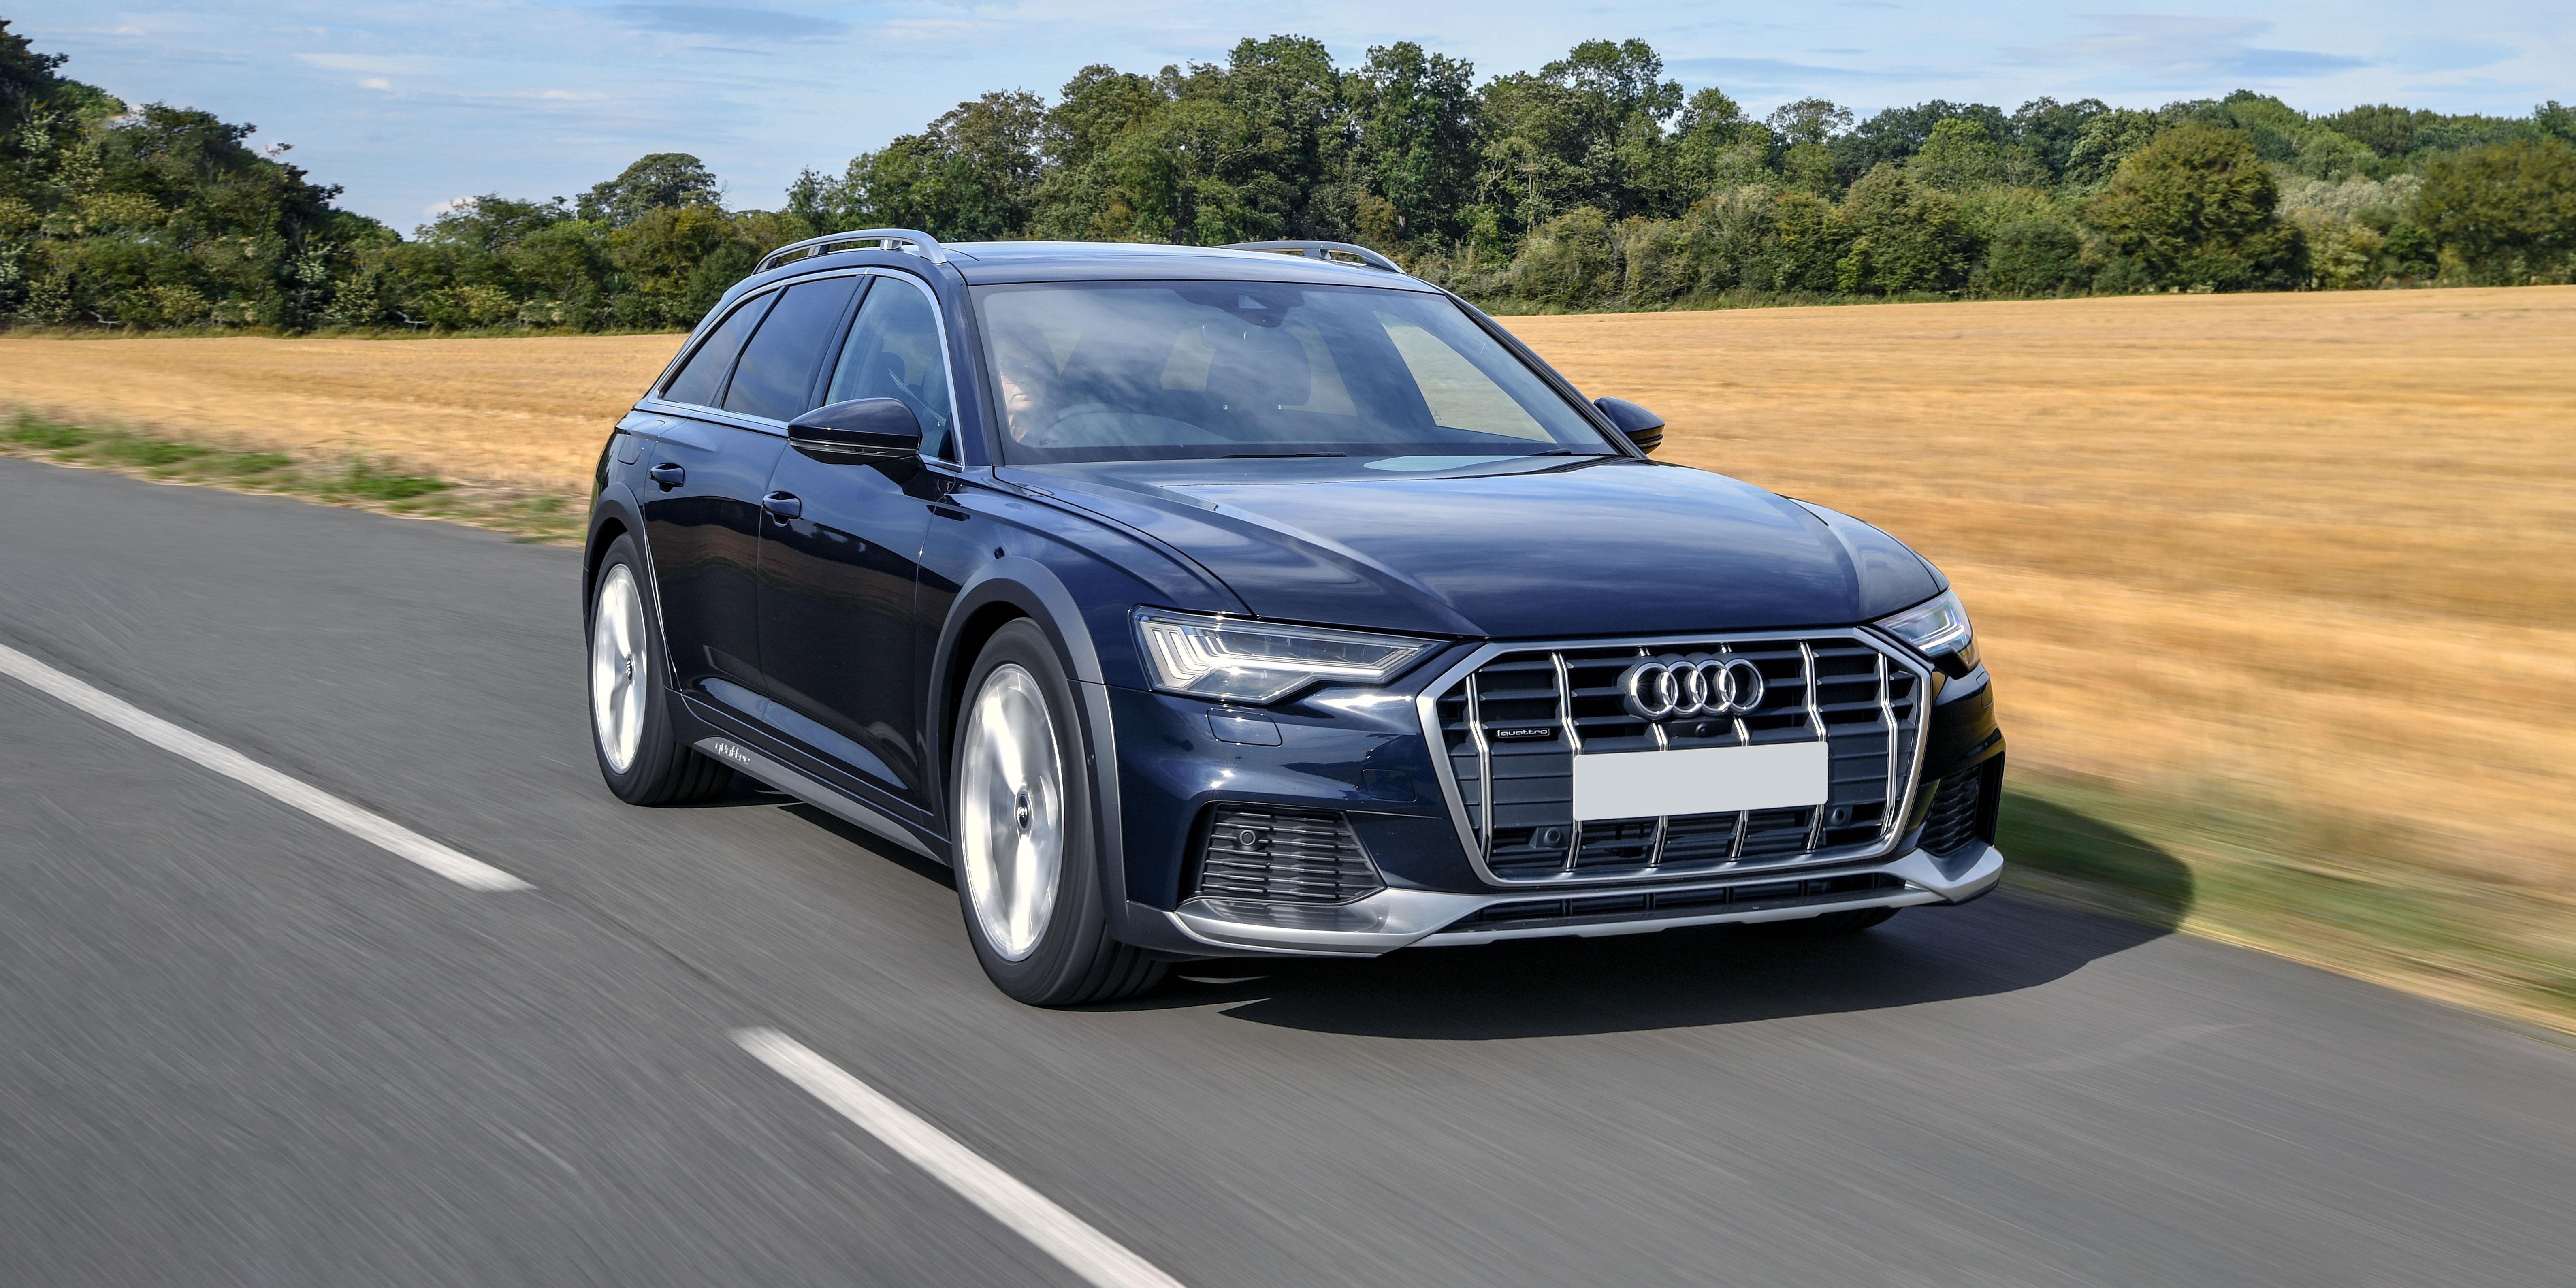 Kelebihan Audi A6 Allroad 2017 Perbandingan Harga